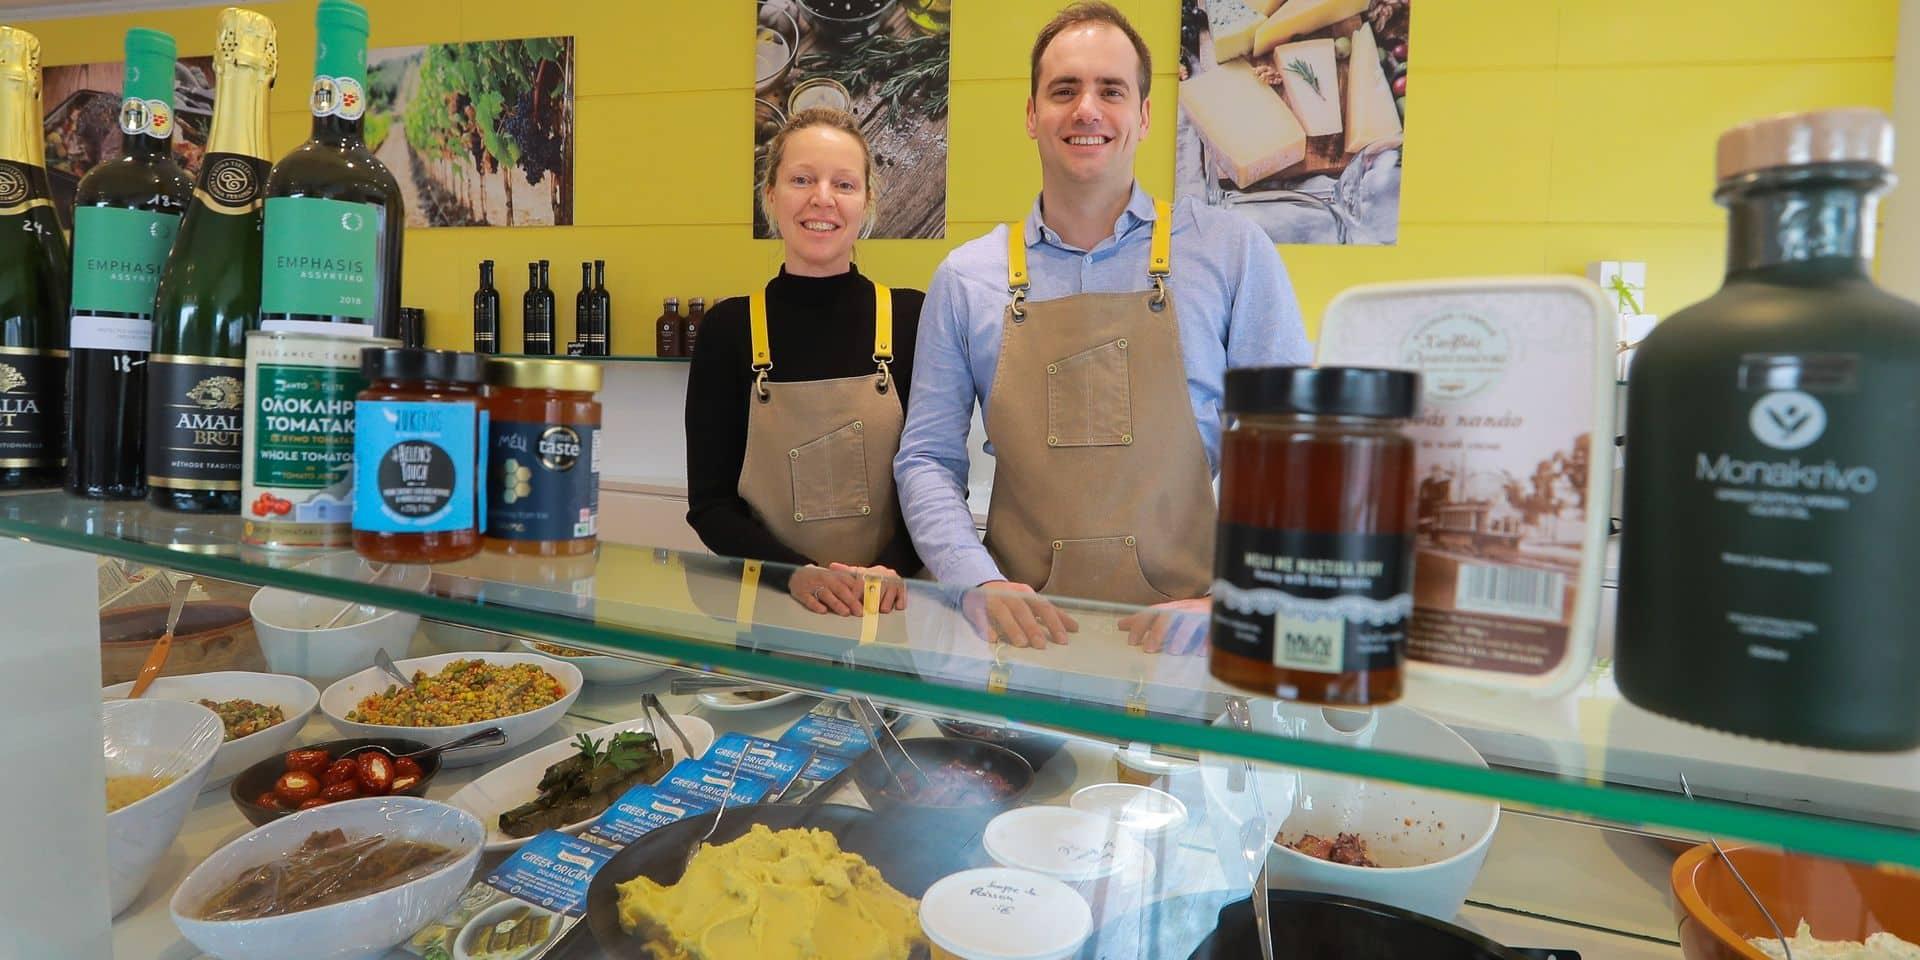 Plats cuisinés, mezzedès, épicerie fine : le restaurant grec Strofilia a ouvert son traiteur